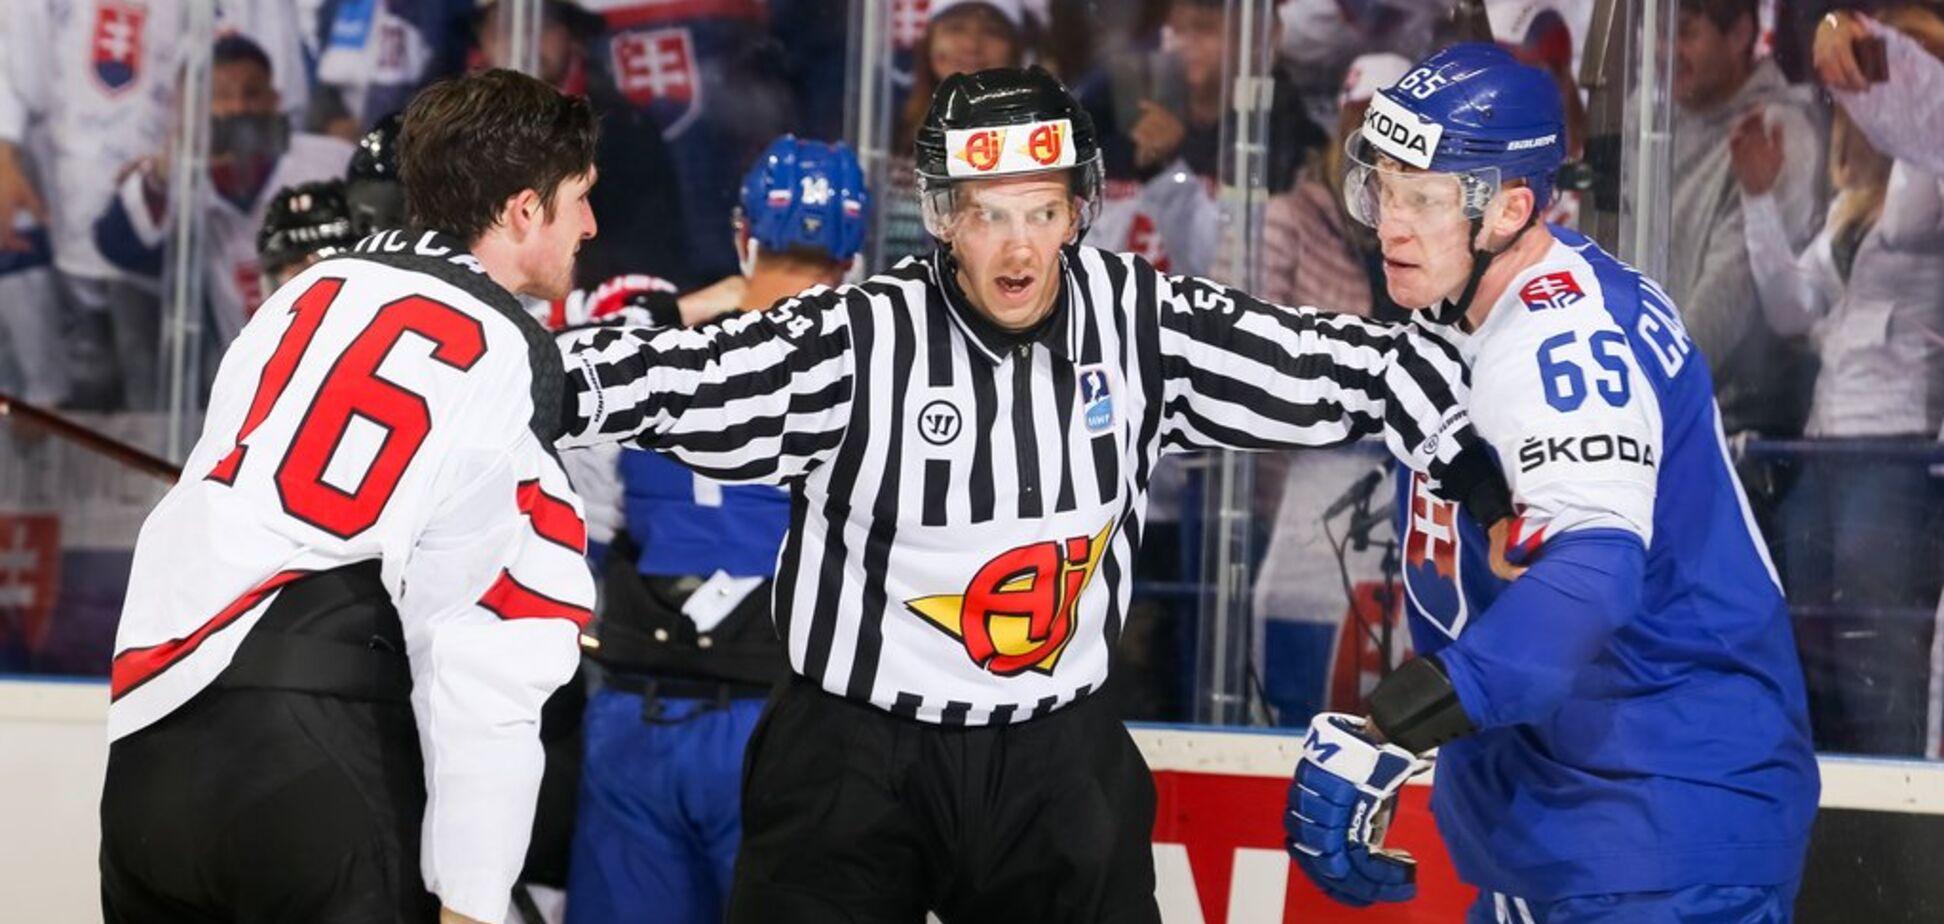 Сумасшествие дня: Словакия и Канада устроили триллер на чемпионате мира по хоккею